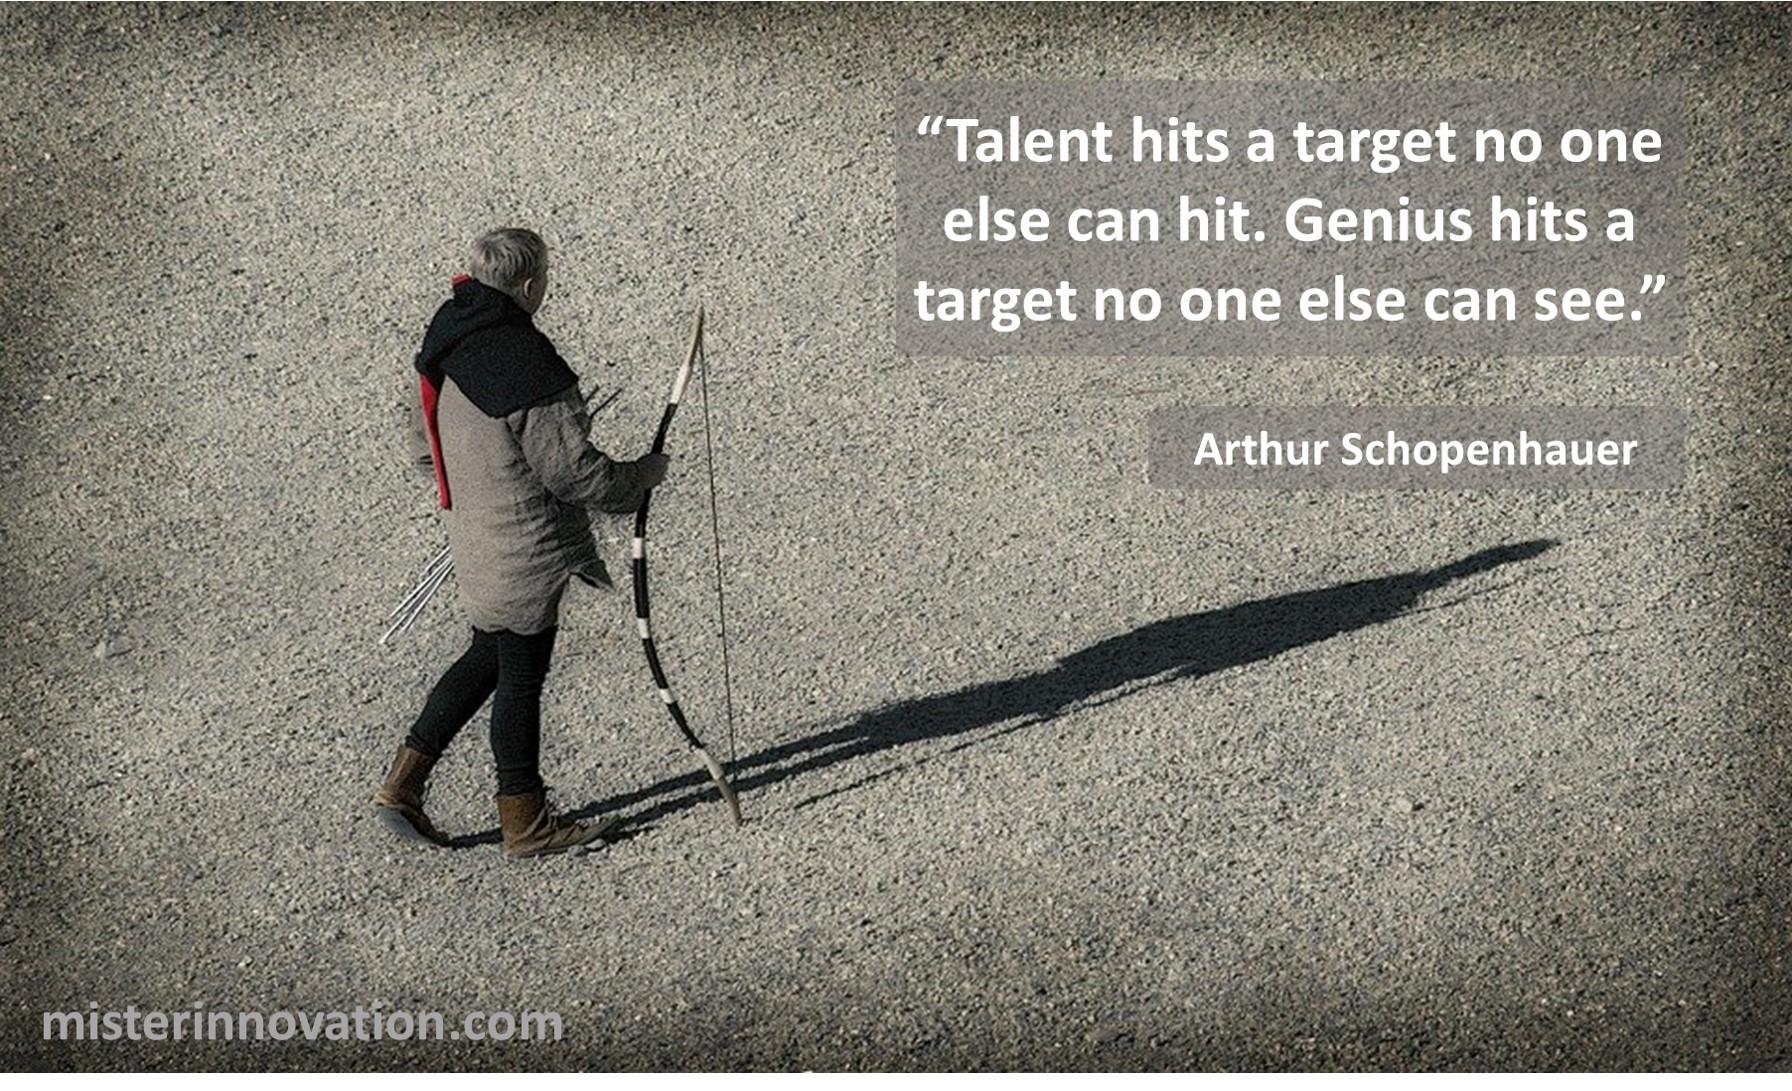 Arthur Schopenhauer Talent